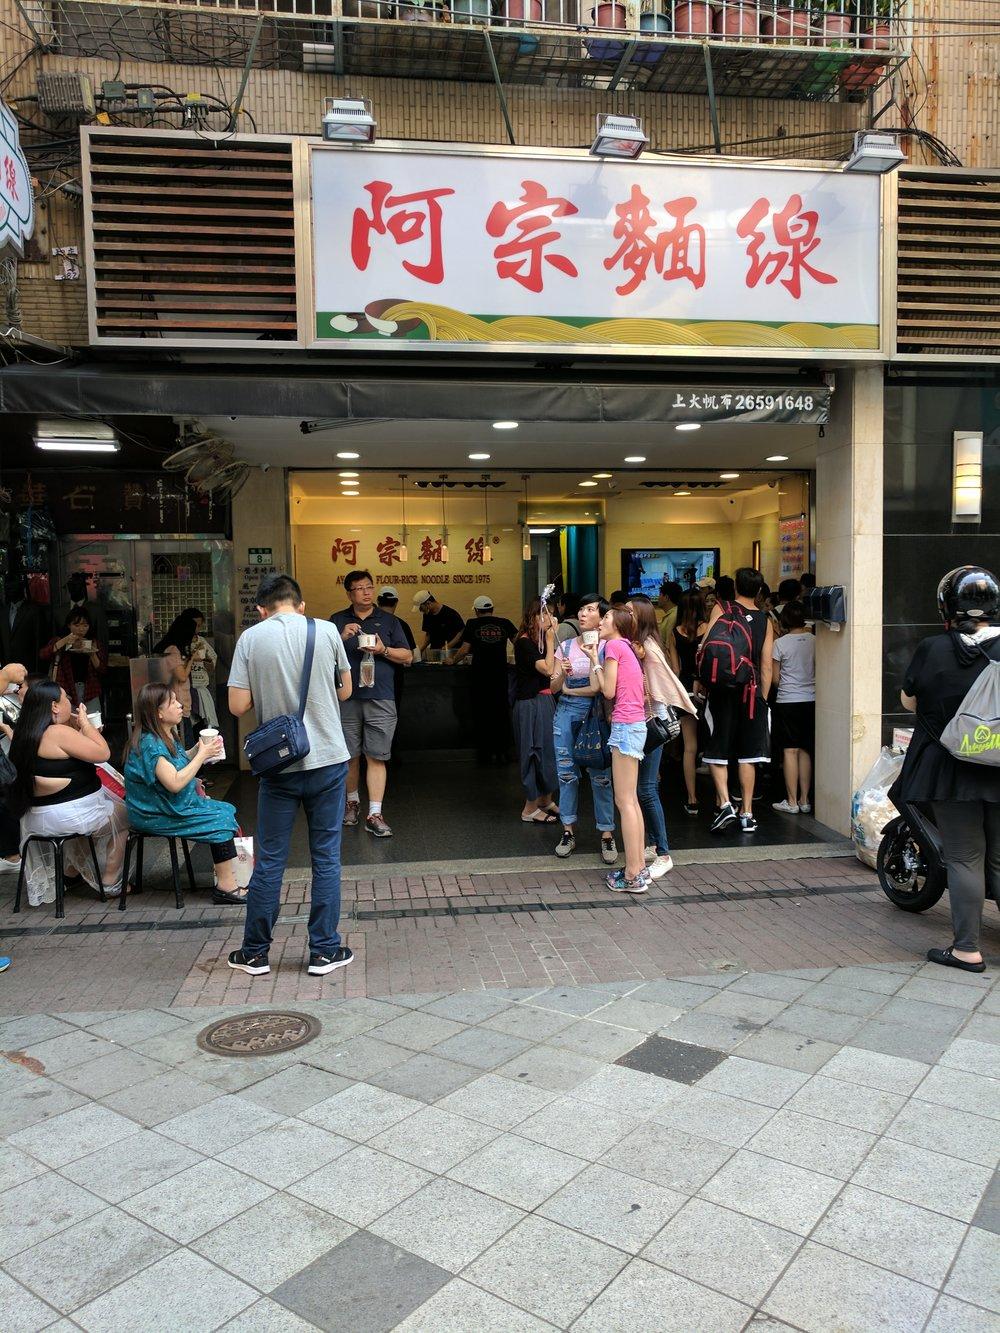 super popular pig intestine noodle soup place. (ah zong mian xian)